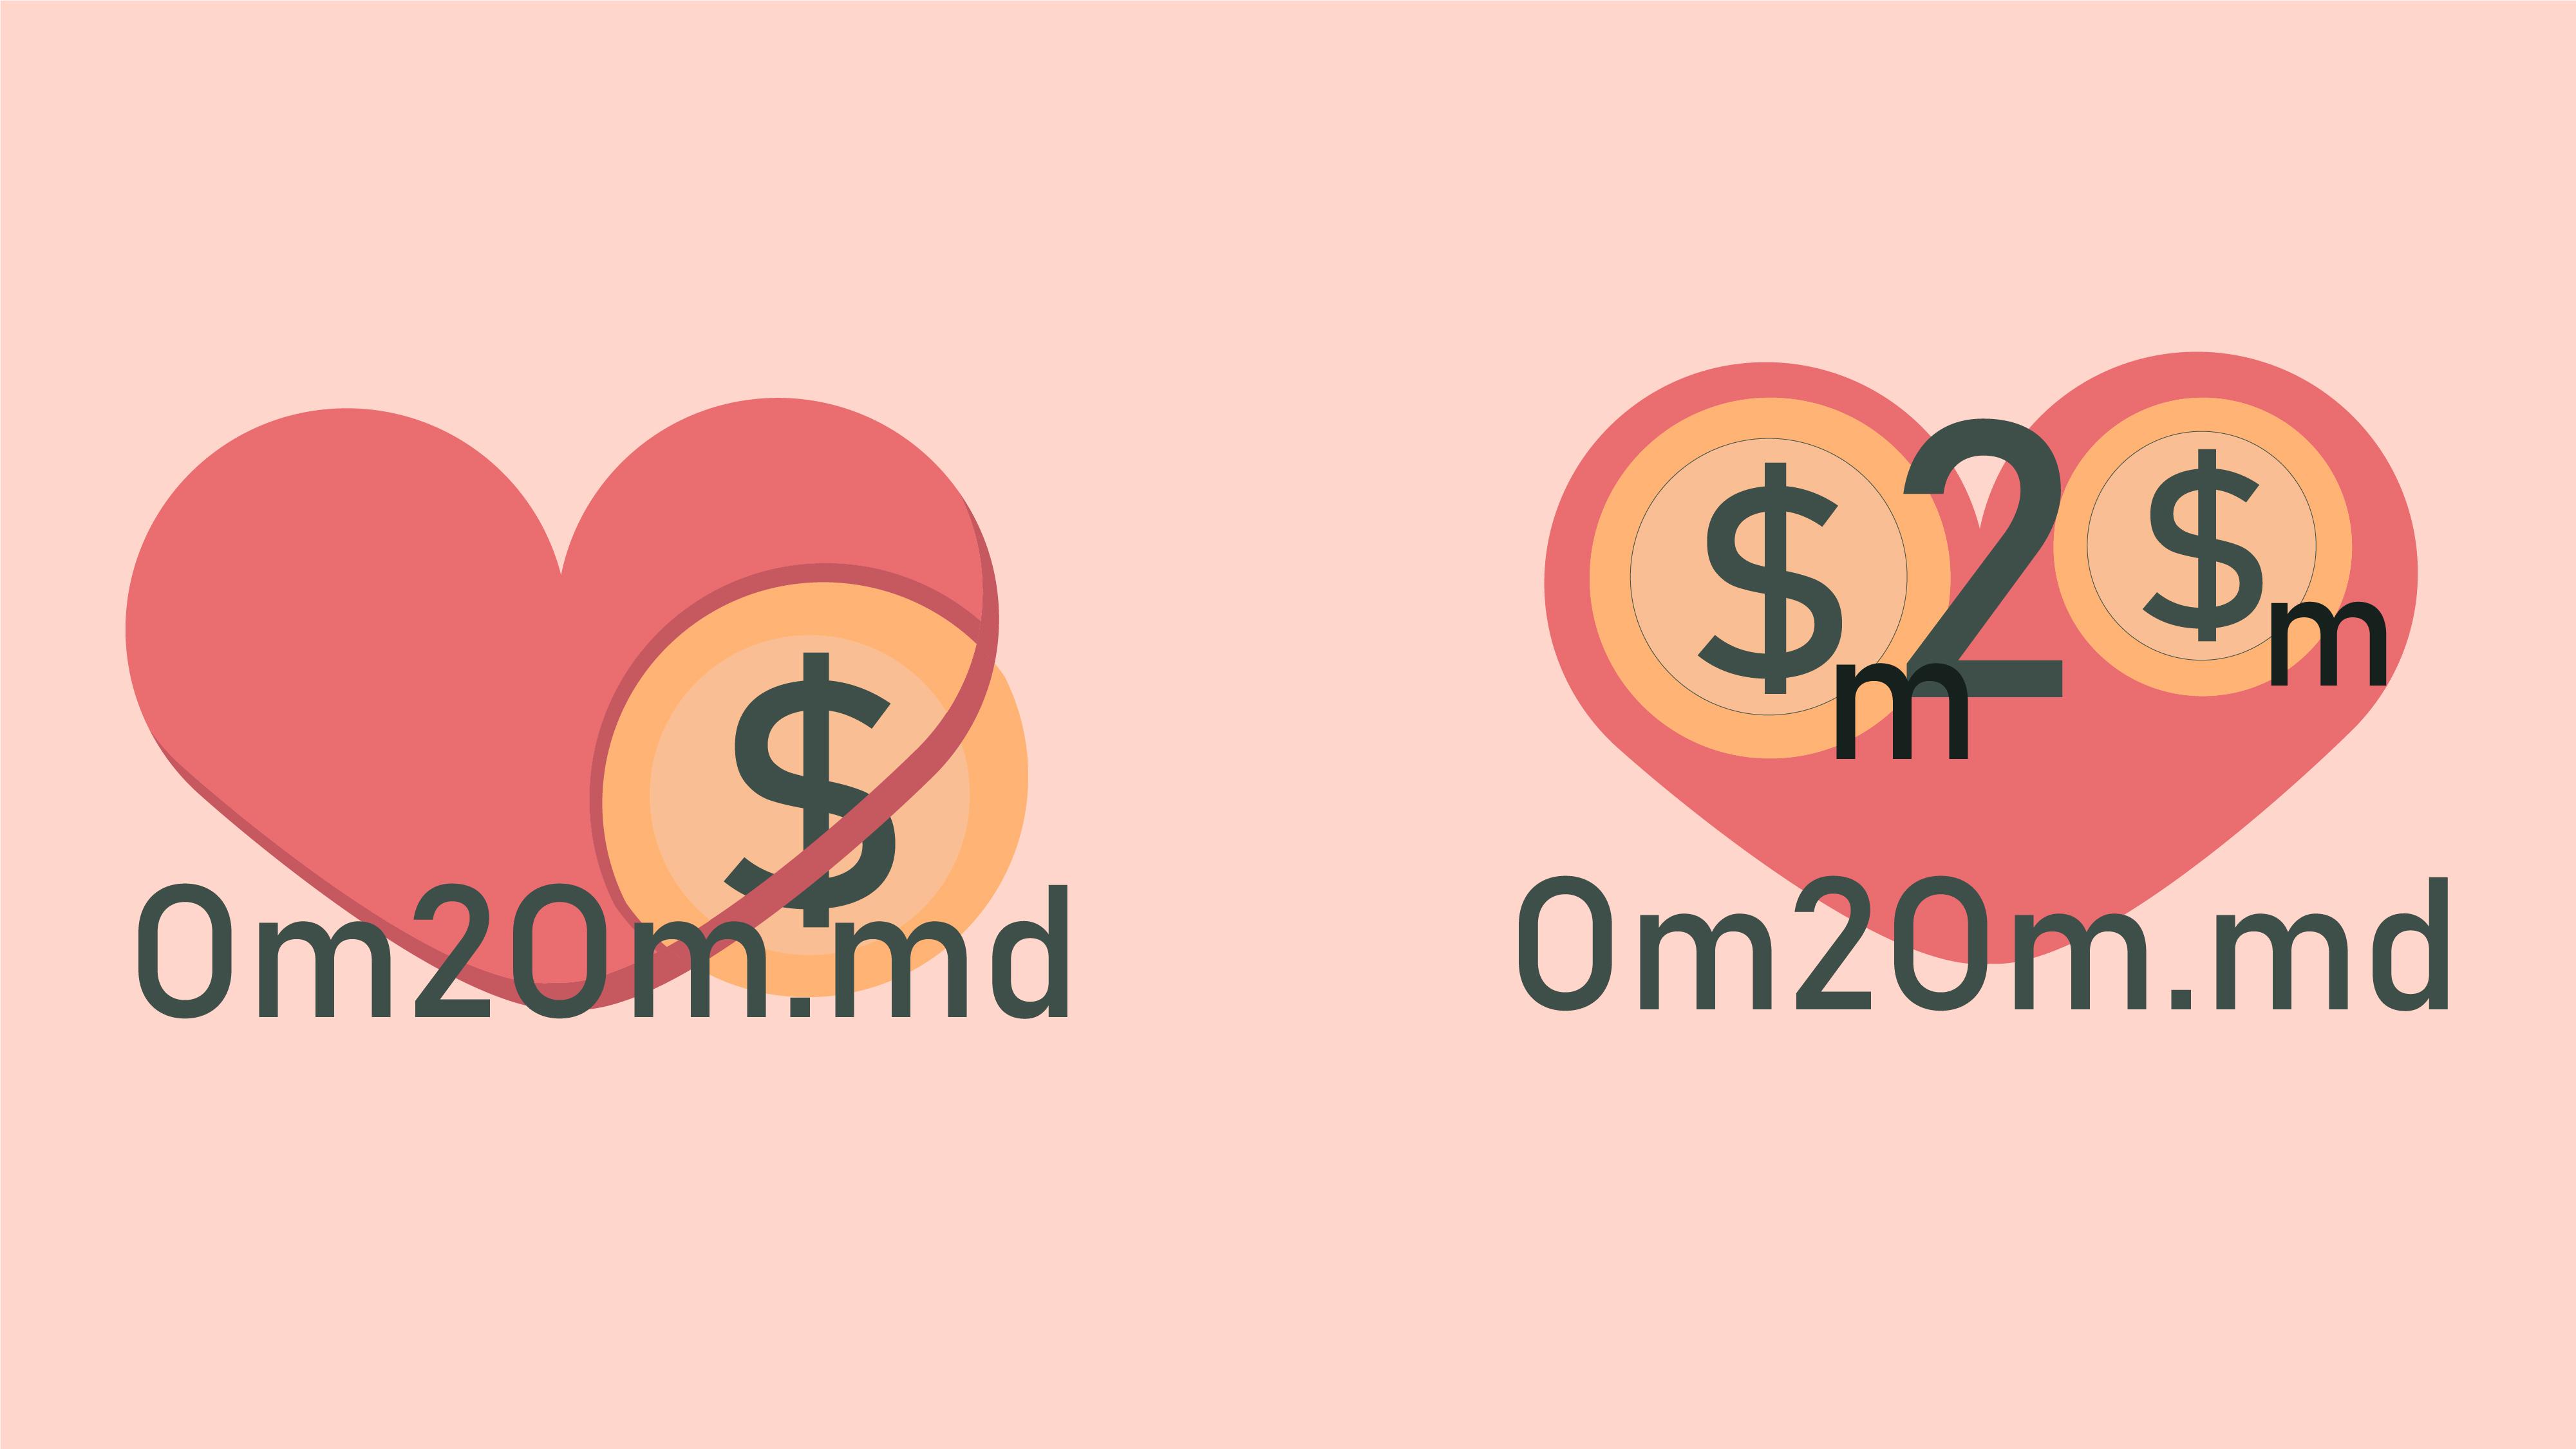 Разработка логотипа для краудфандинговой платформы om2om.md фото f_7575f58723c942e6.jpg